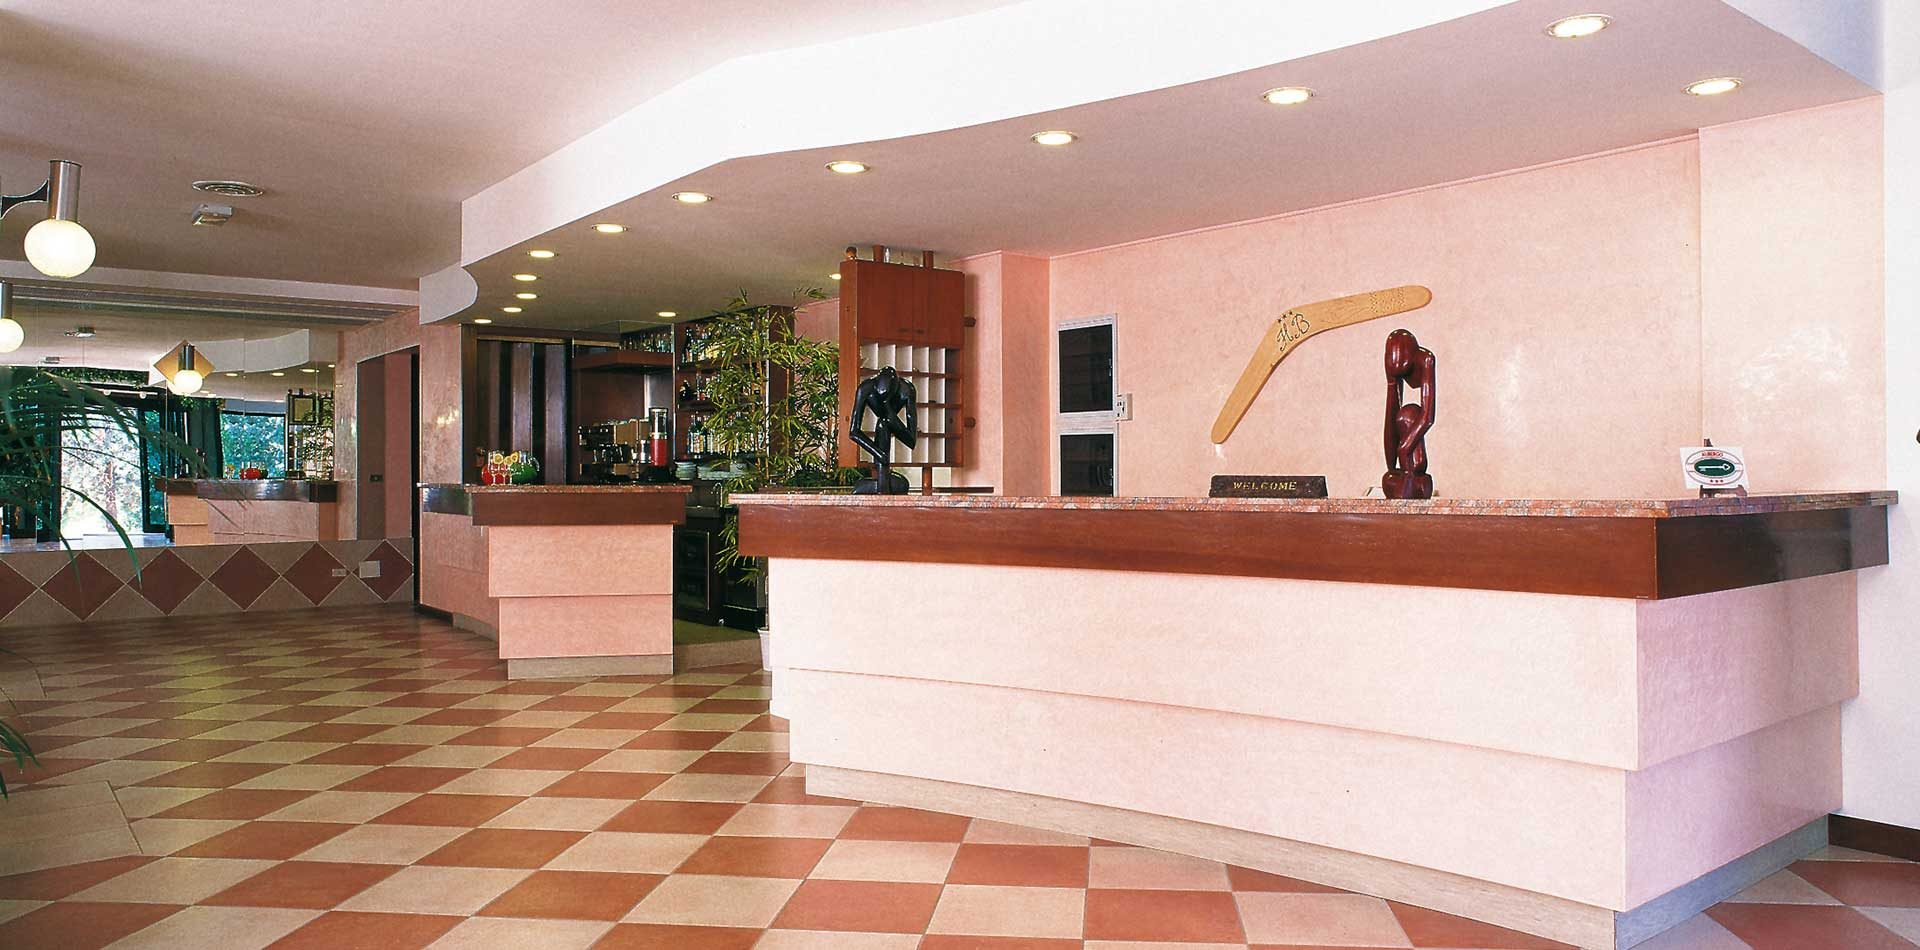 hotelboomerang-homepage-4